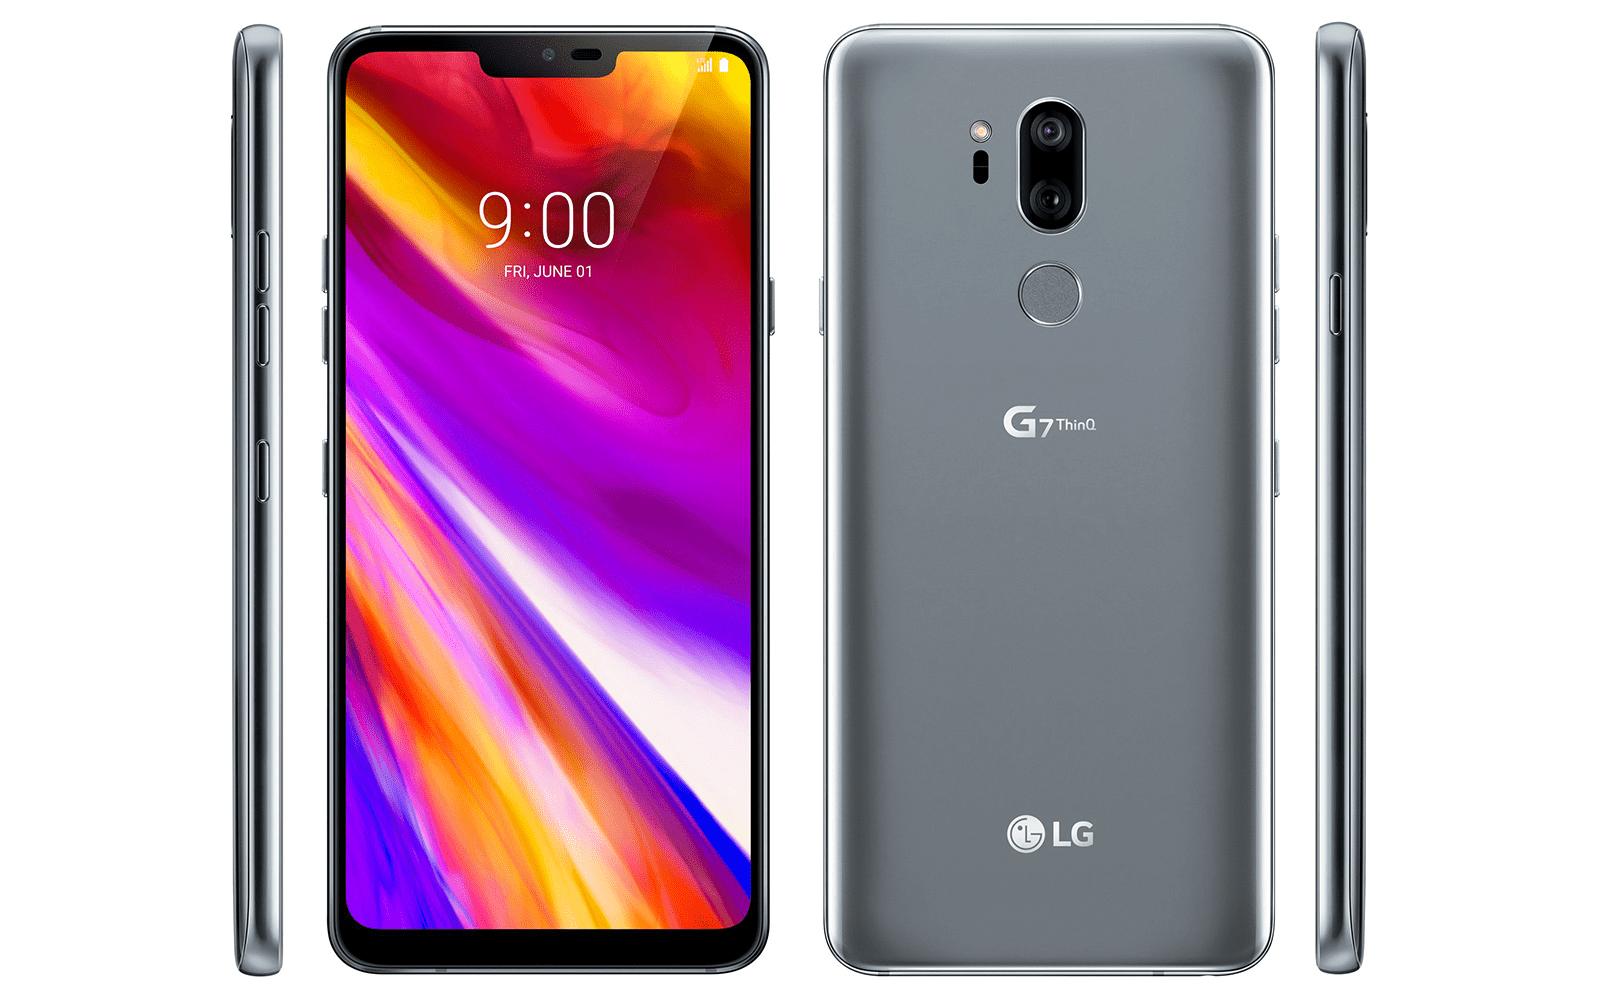 LG V40 LG G7